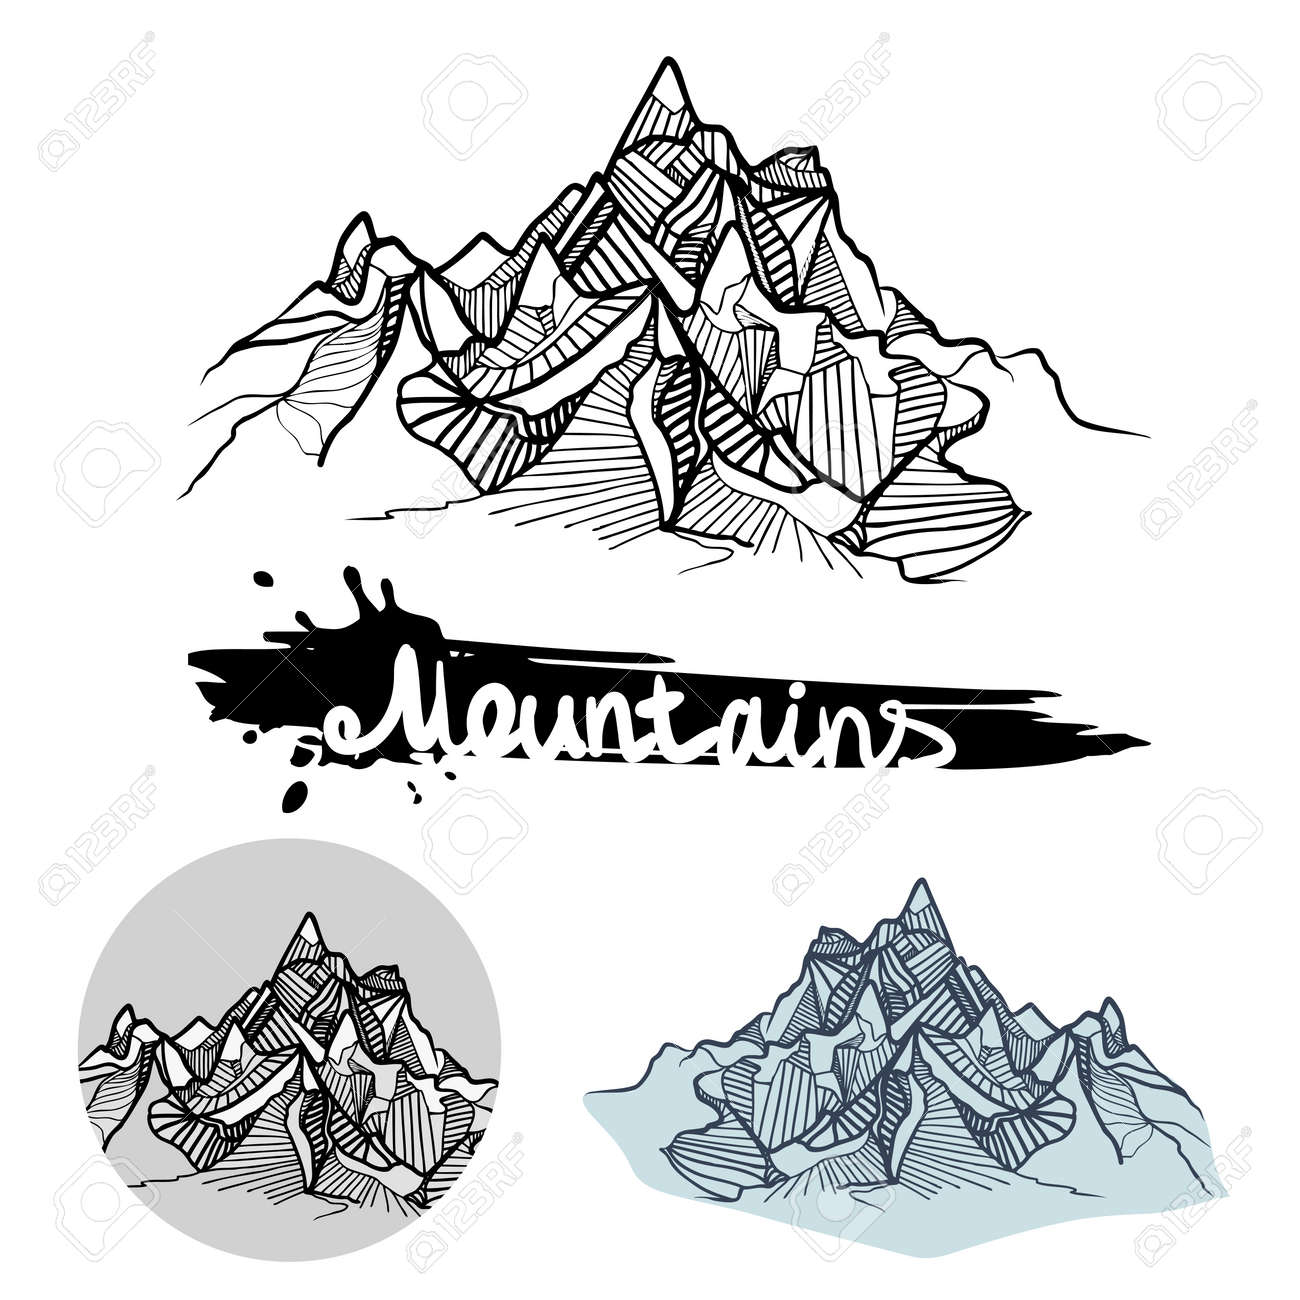 モノクロとカラーの山の描かれたベクター イラスト セットを渡します